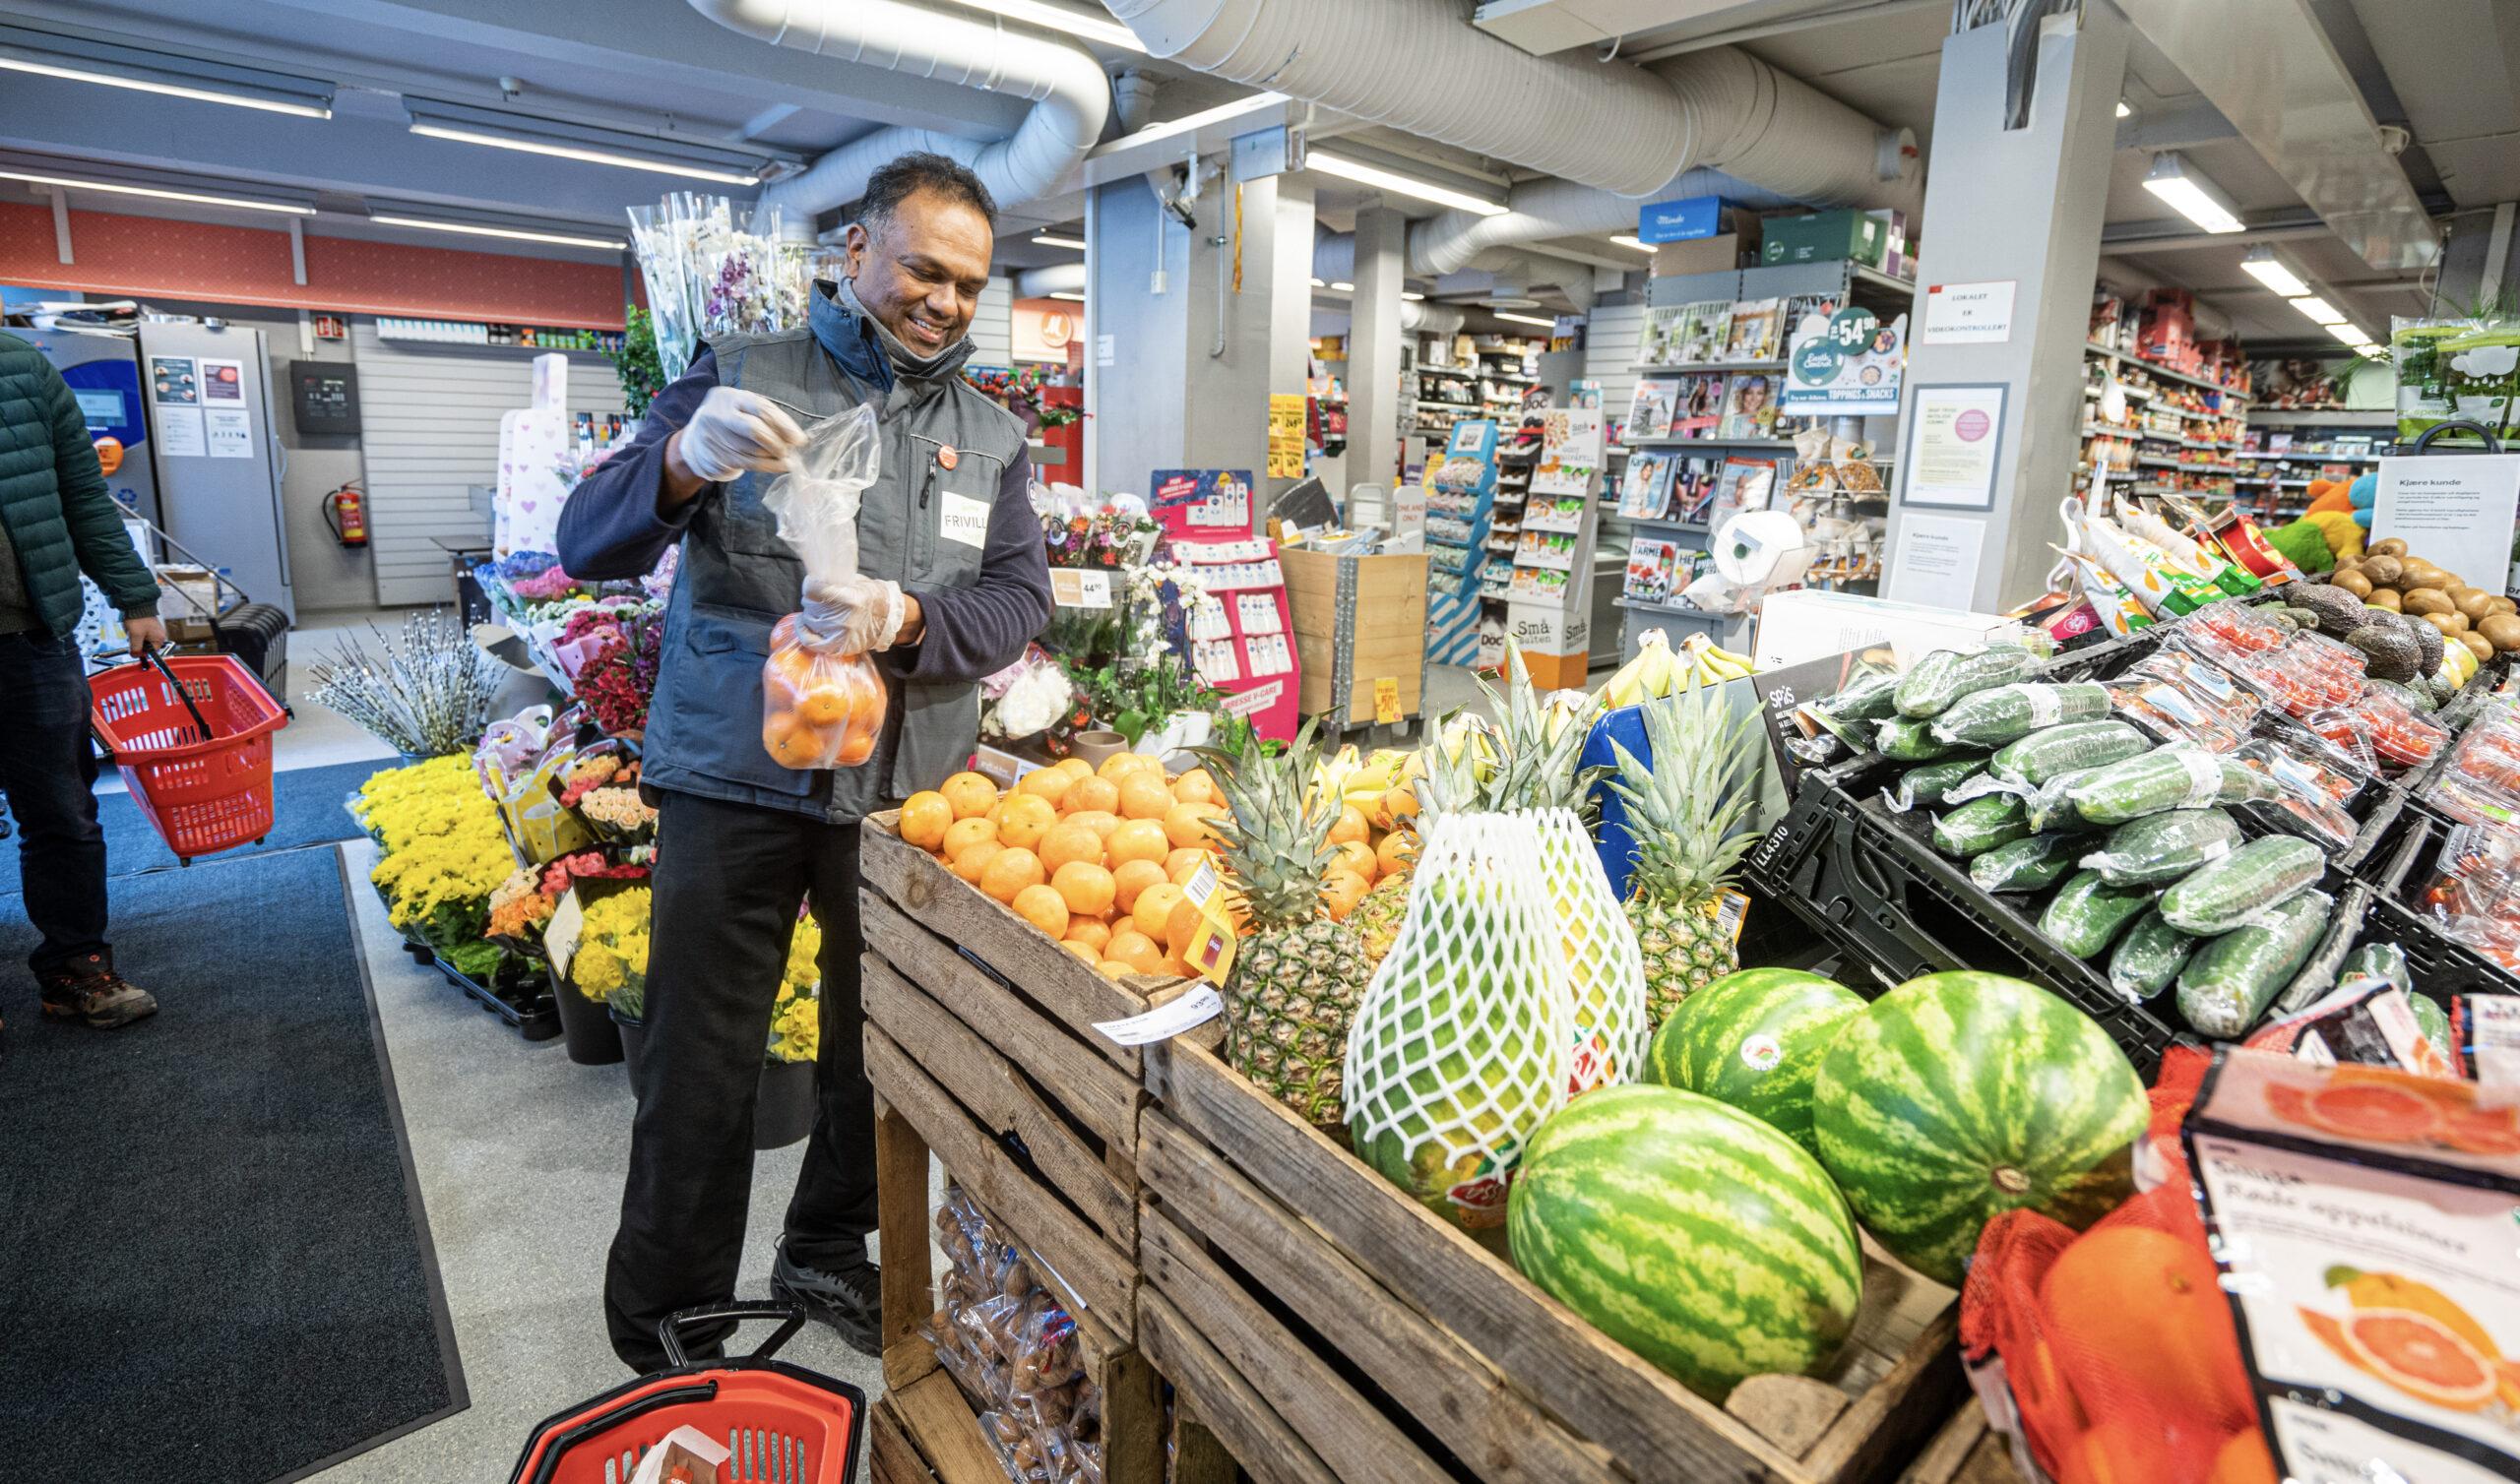 Handlehjelp Hemal er i butikken og i ferd med å finne fram appelsiner som står på handlelista